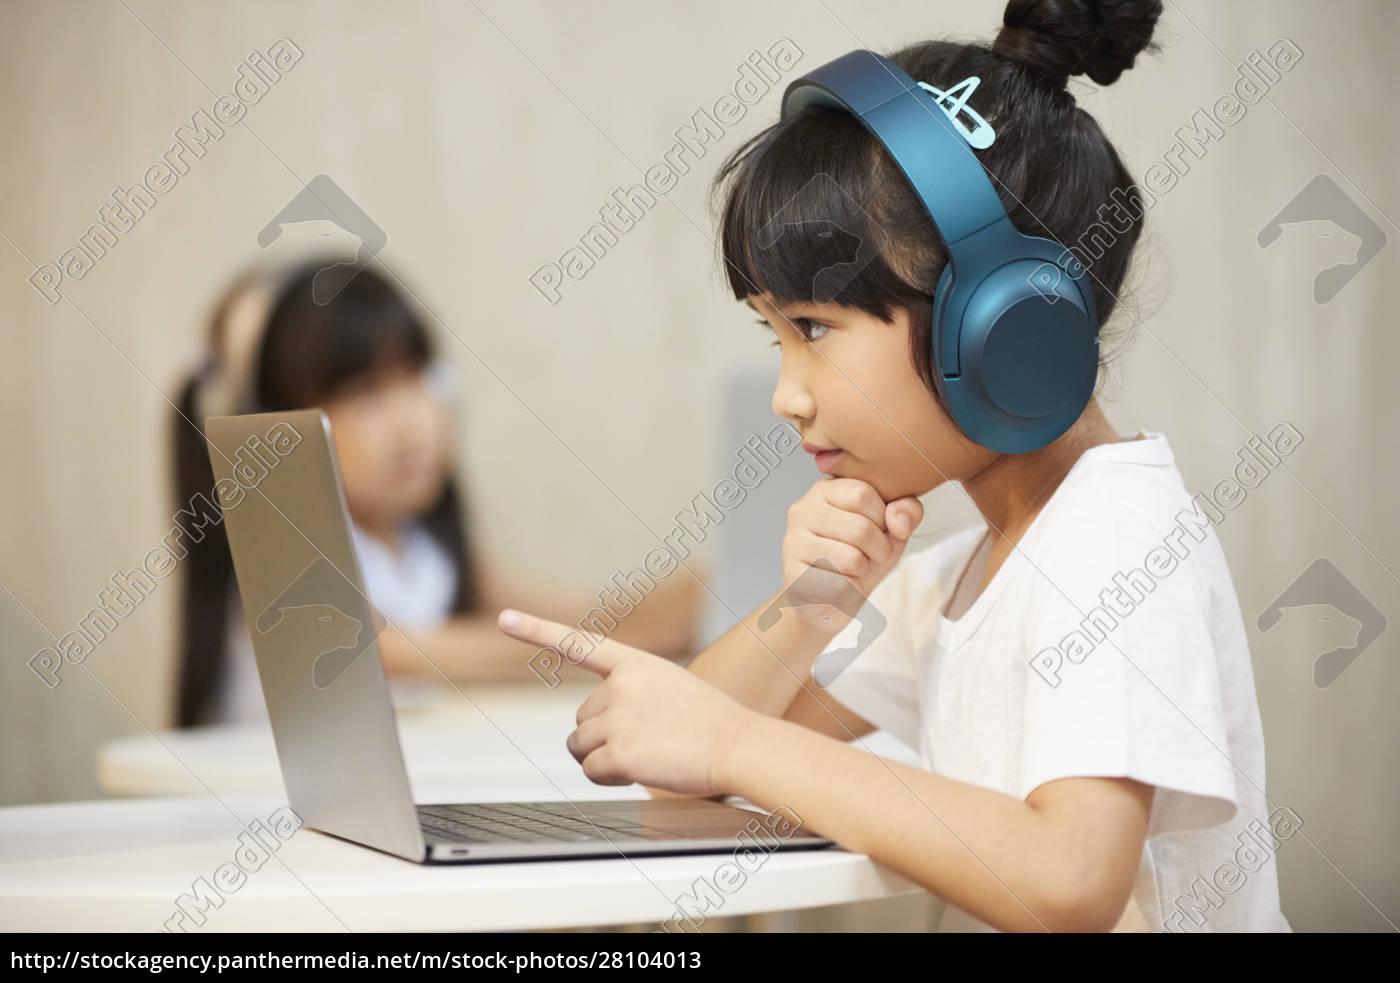 Życie, szkolne, dla, dzieci, w, wieku - 28104013